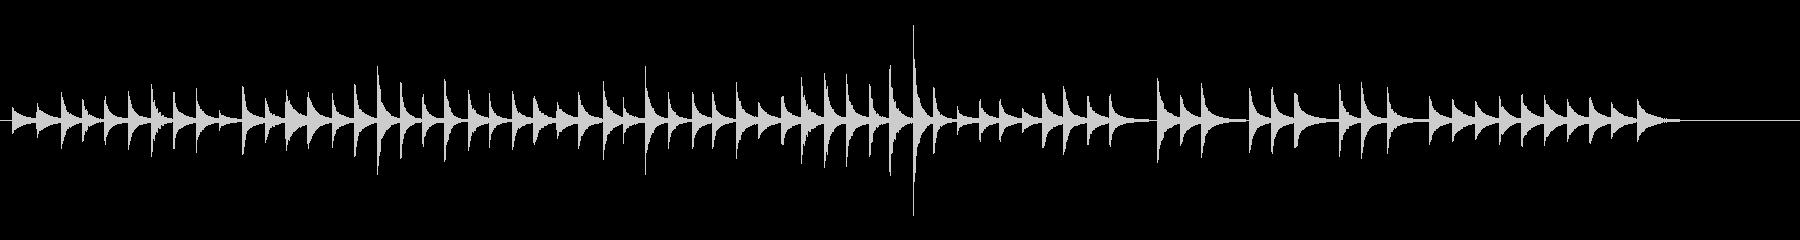 松虫7ミステリーキラキラ鉄琴アジアン和風の未再生の波形